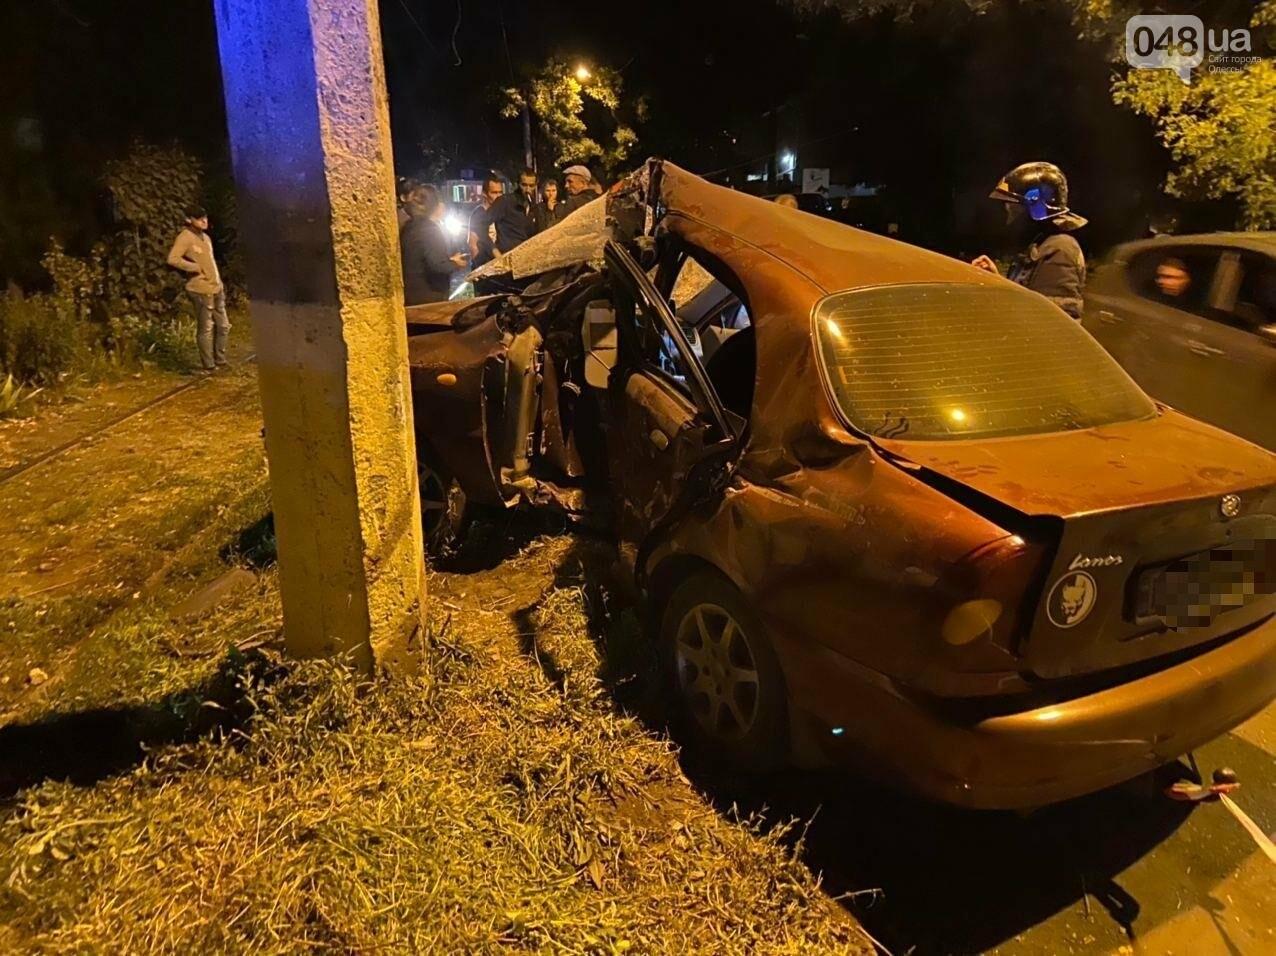 В Одессе в ДТП со столбом пострадал водитель, - ФОТО 2